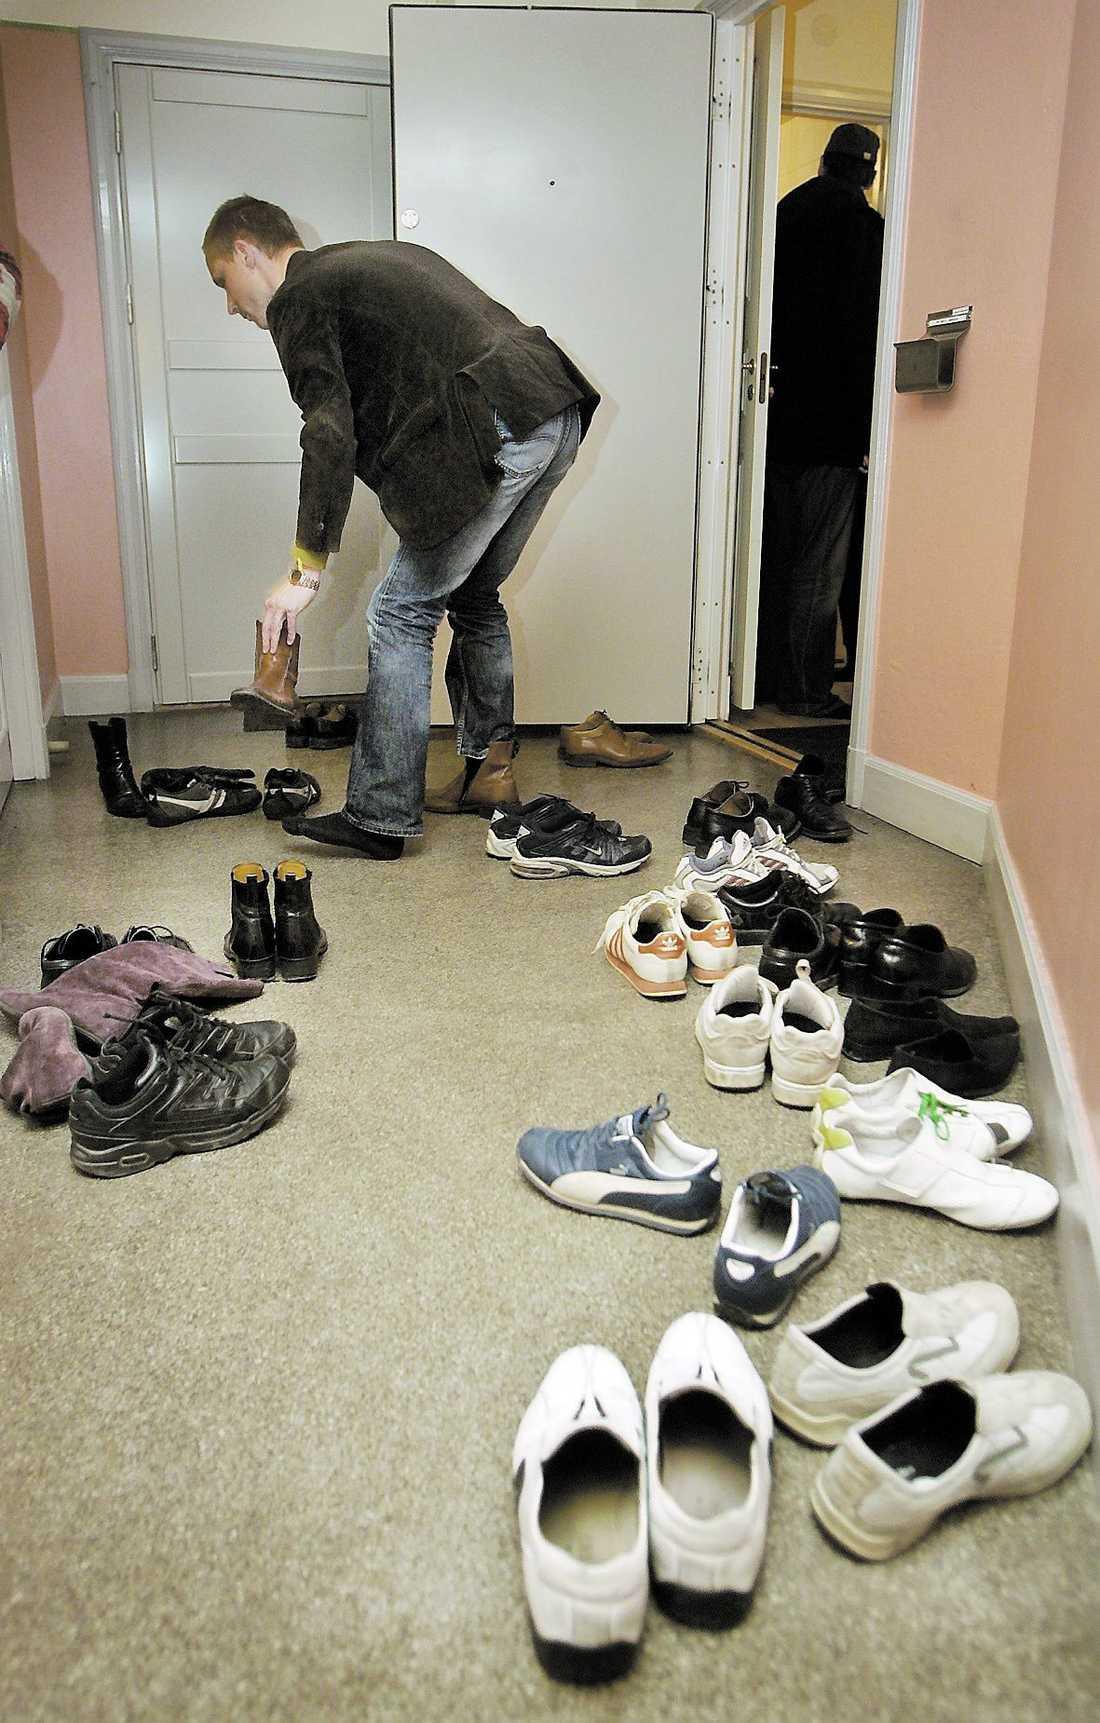 Då För bara några månader sedan kunde det se ut så här på lägenhetsvisningarna: fullt av skor i trapphuset och trängsel i hallen.